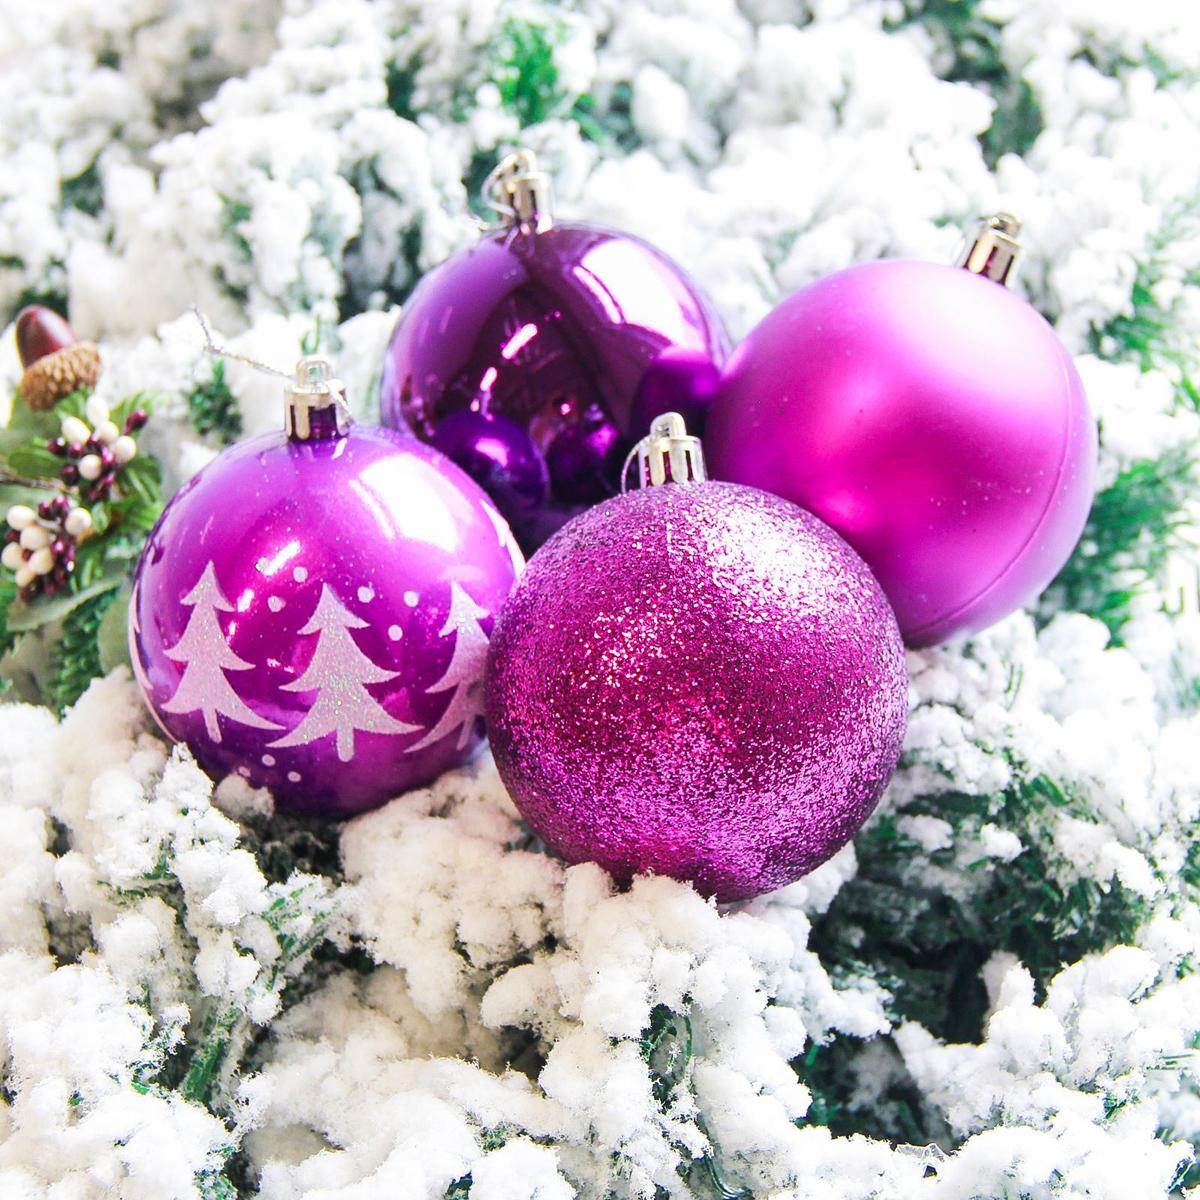 Набор новогодних подвесных украшений Sima-land Елочки, диаметр 8 см, 6 шт. 21782922178292Набор новогодних подвесных украшений Sima-land отлично подойдет для декорации вашего дома и новогодней ели. С помощью специальной петельки украшение можно повесить в любом понравившемся вам месте. Но, конечно, удачнее всего оно будет смотреться на праздничной елке. Елочная игрушка - символ Нового года. Она несет в себе волшебство и красоту праздника. Создайте в своем доме атмосферу веселья и радости, украшая новогоднюю елку нарядными игрушками, которые будут из года в год накапливать теплоту воспоминаний.